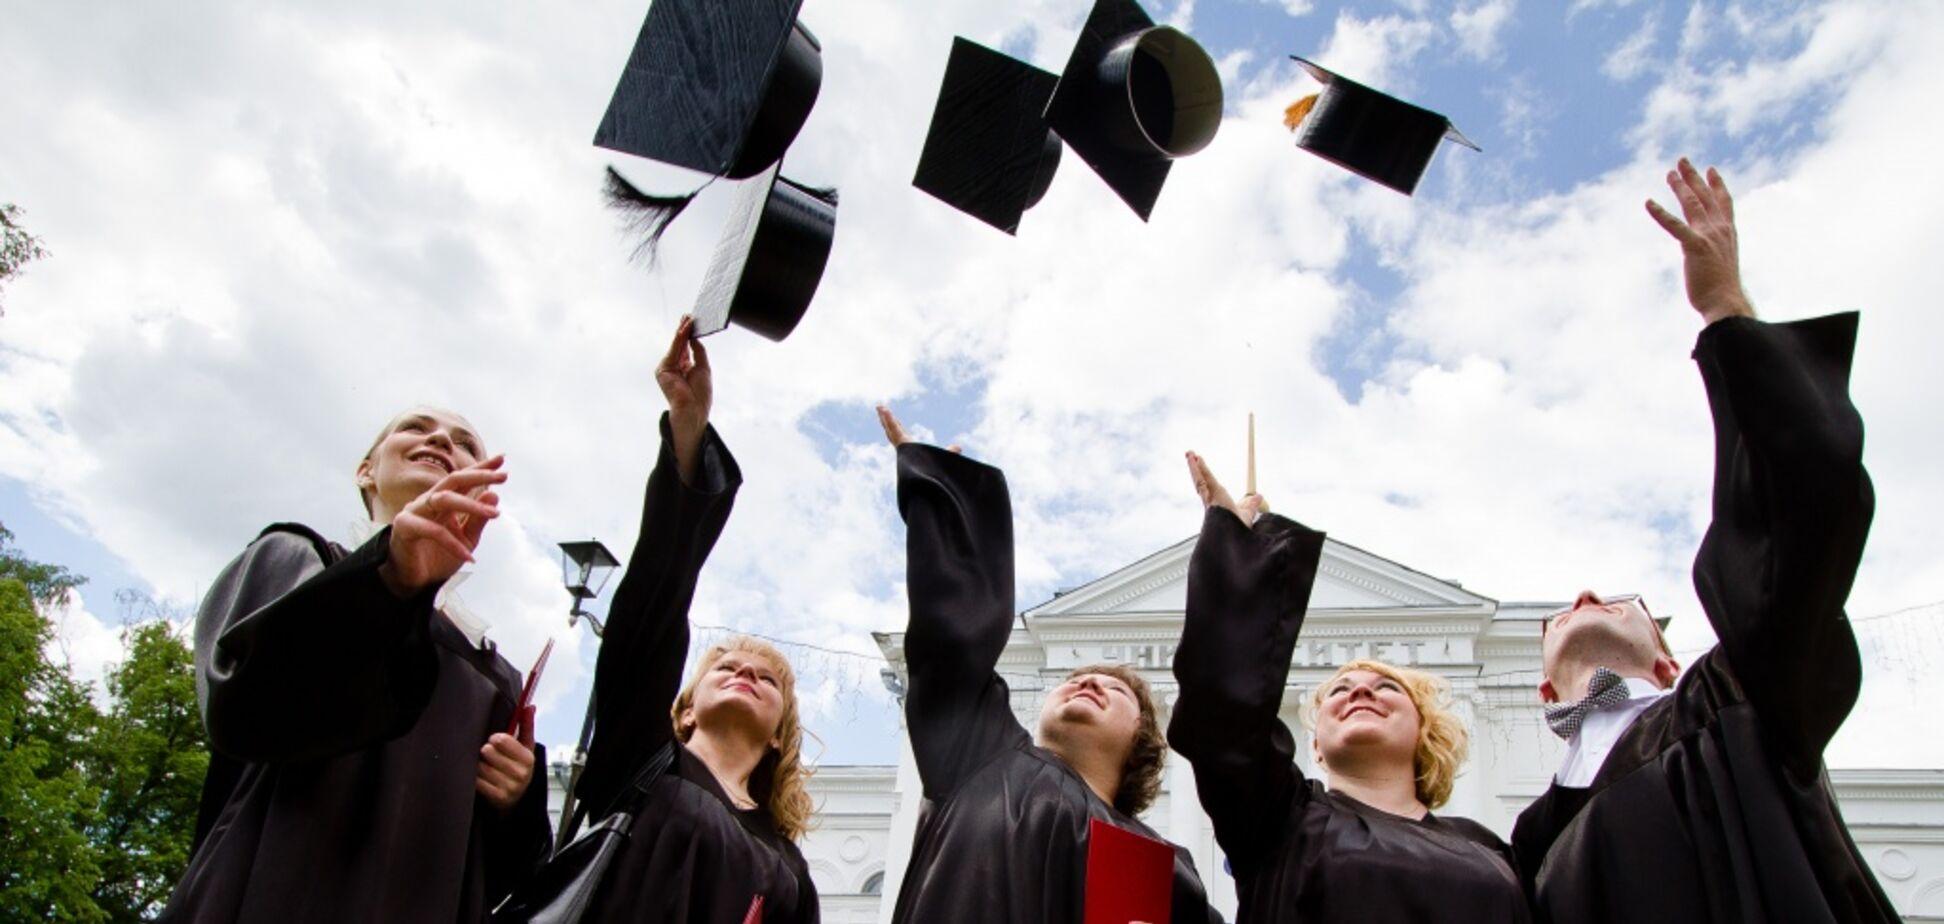 Магістратура 2020: як студенти будуть вступати і вартість навчання в Дніпрі